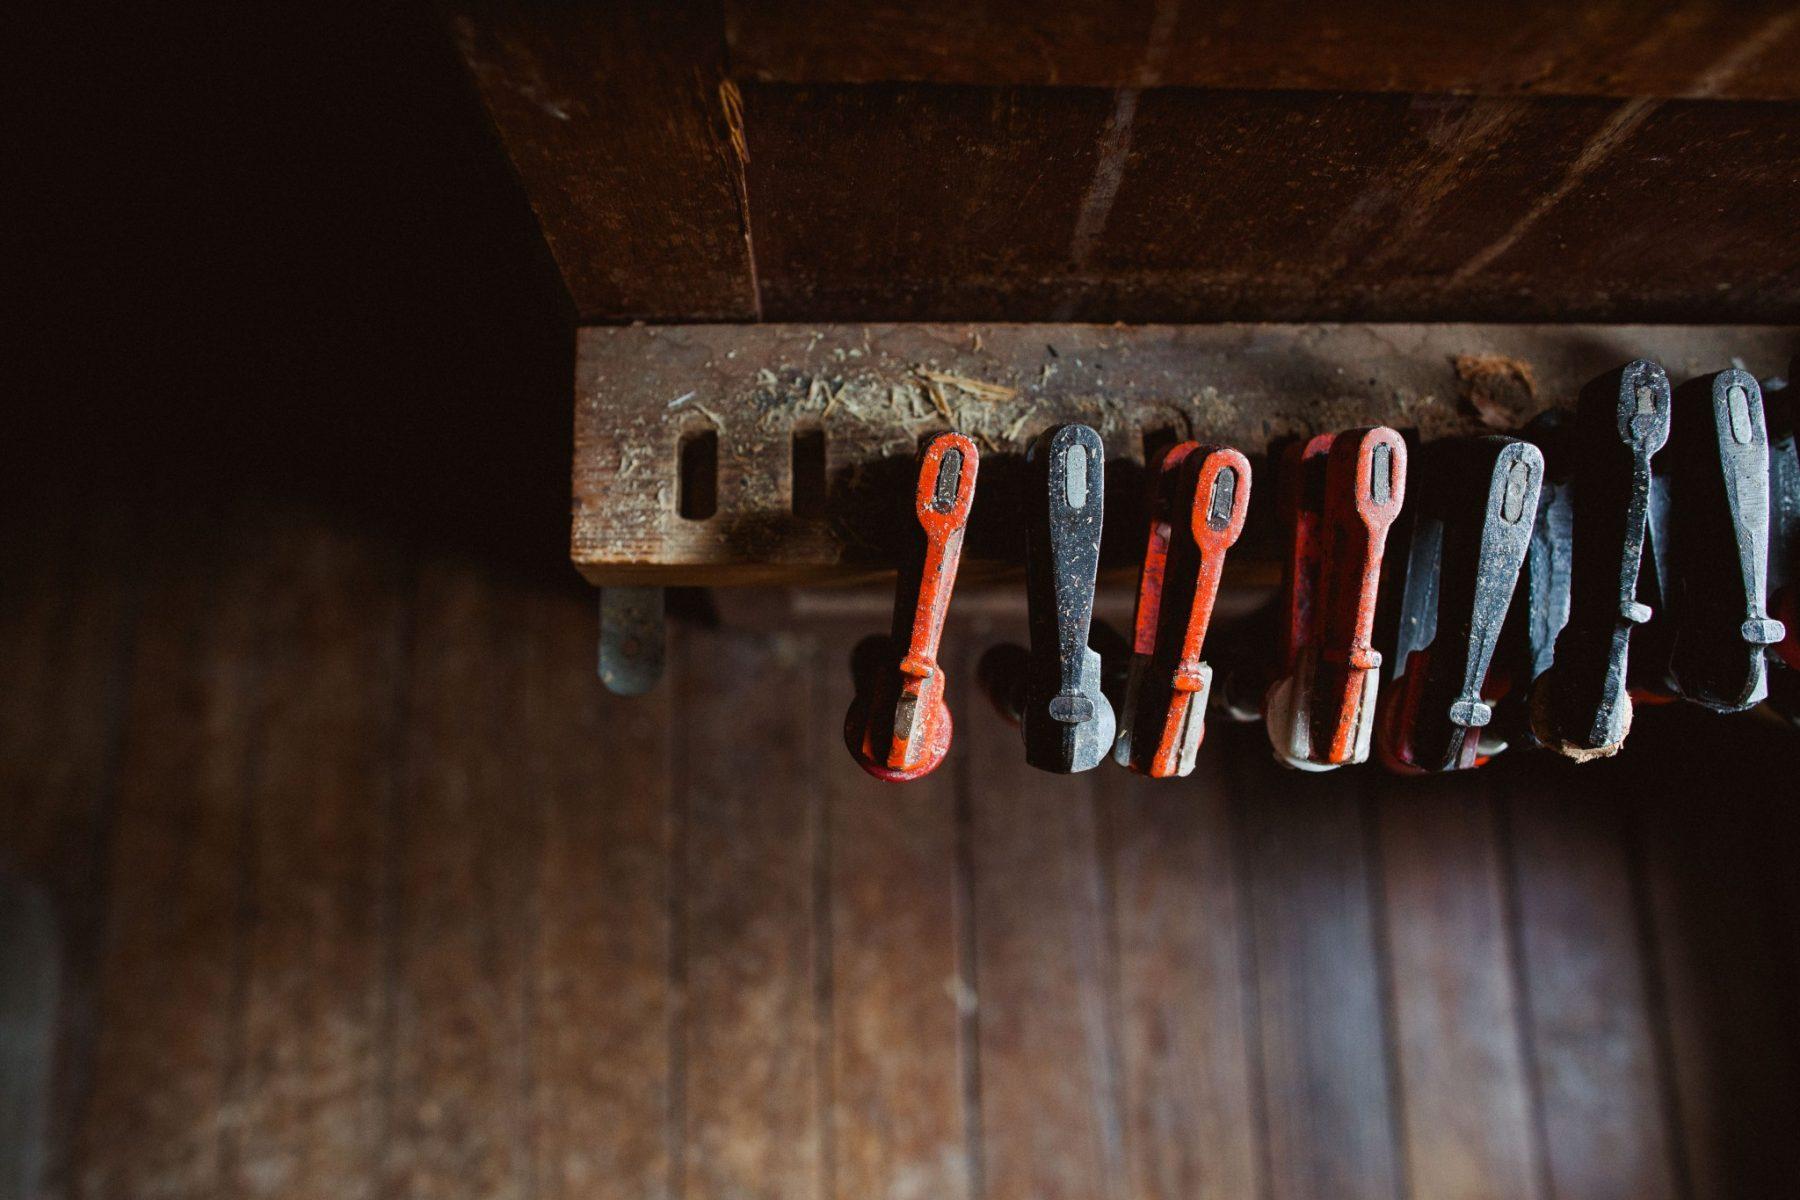 Outils dans un atelier, serre-joints